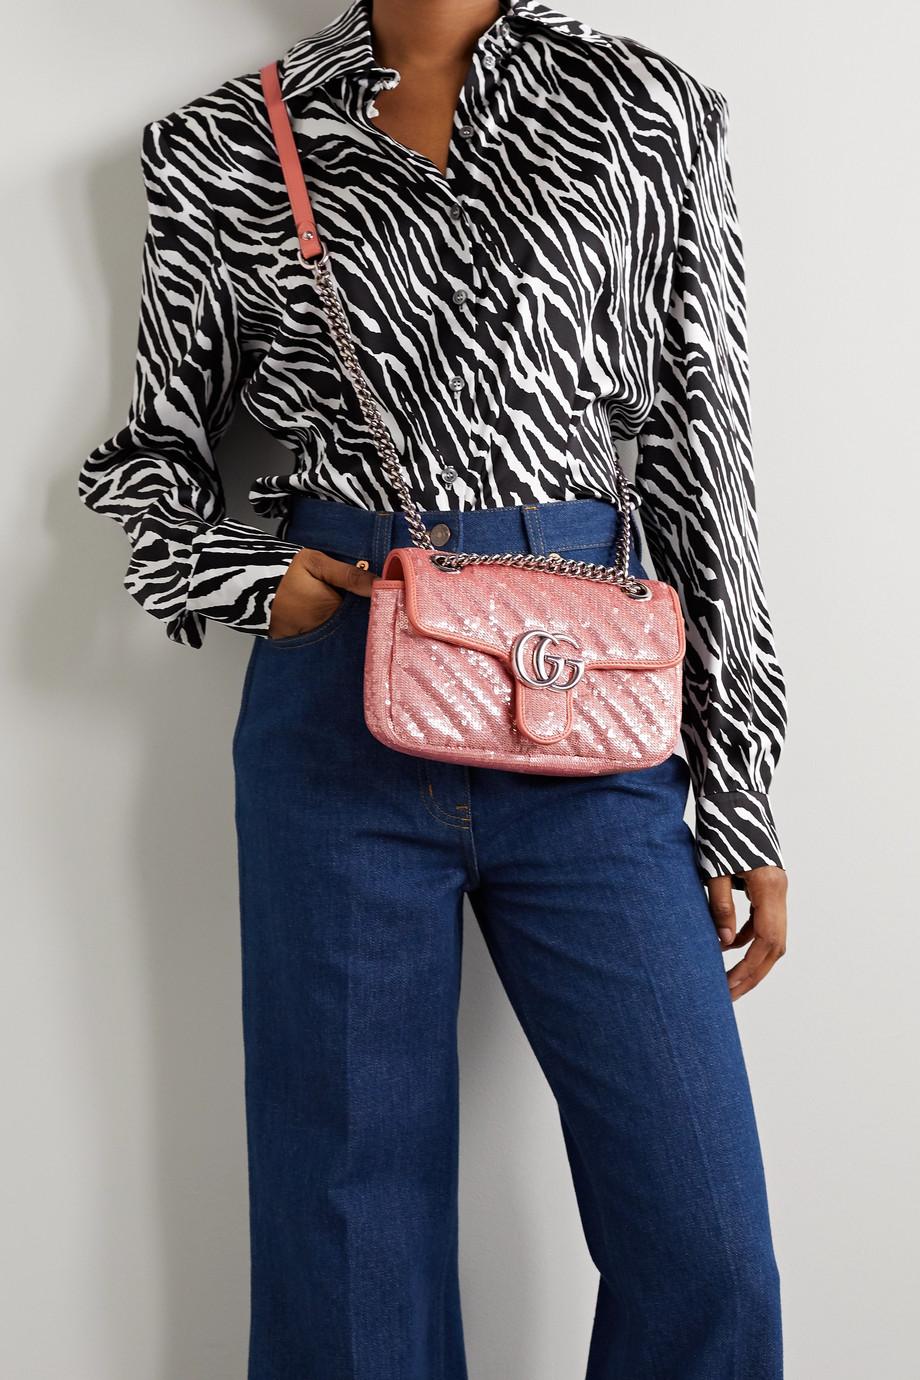 Gucci GG Marmont mini Schultertasche aus Seide mit Pailletten und Lederbesätzen